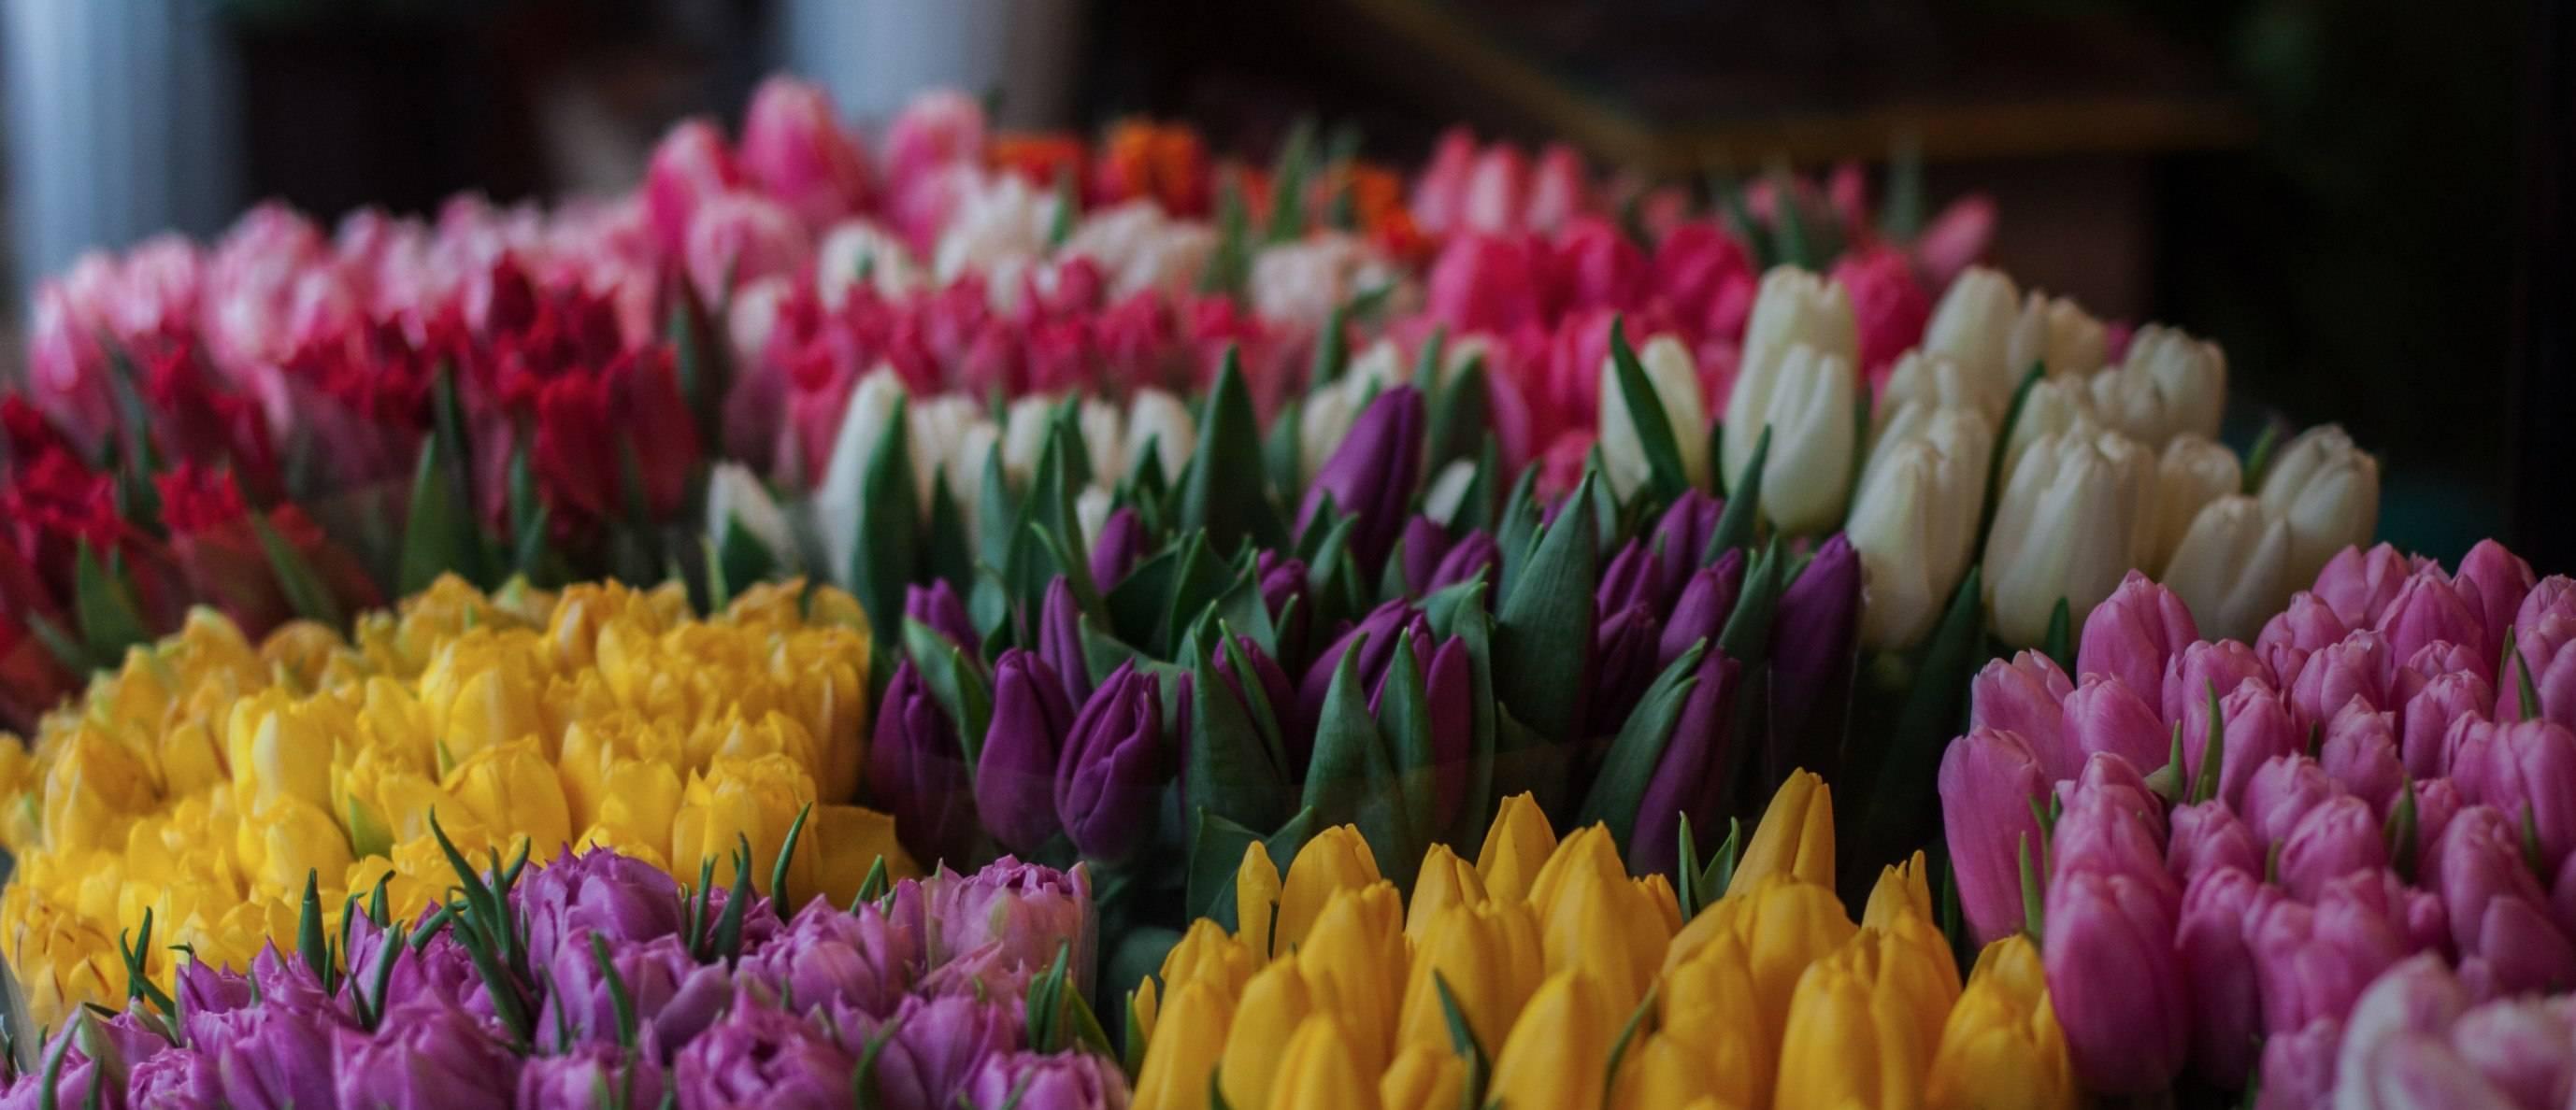 Verras jezelf of een ander met een bloemetje, juist nu!